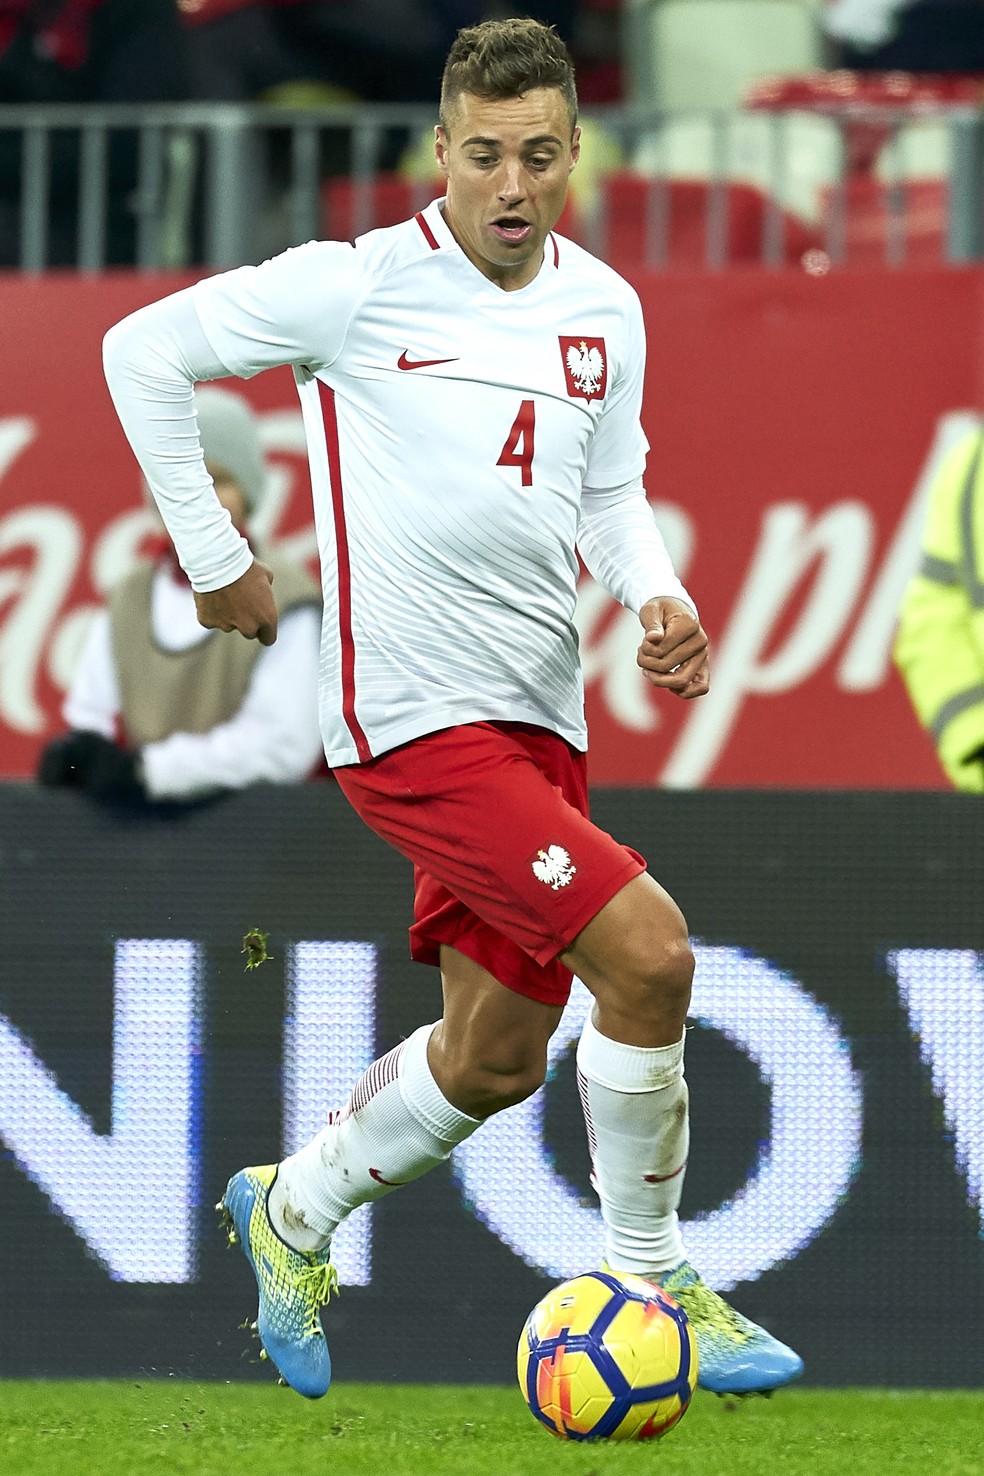 Thiago Cionek em ação pela seleção da Polônia (Foto: Adam Nurkiewicz/Getty Images)